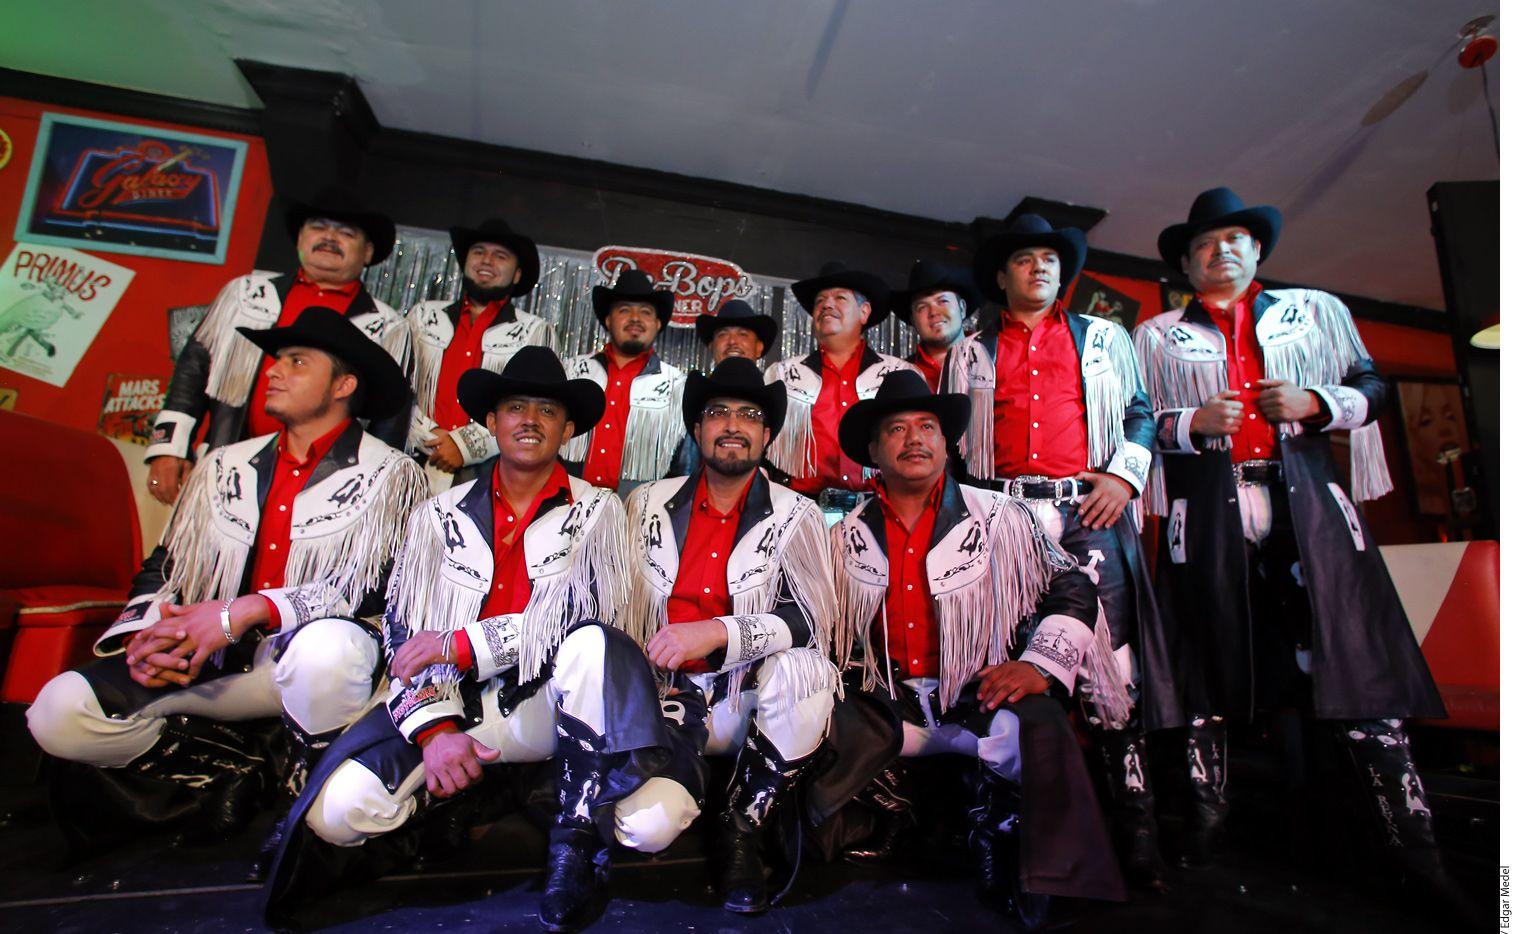 Los integrantes de la Banda Machos reforzaron su seguridad luego de haber recibido amenazas de muerte por parte de un grupo delictivo./ AGENCIA REFORMA